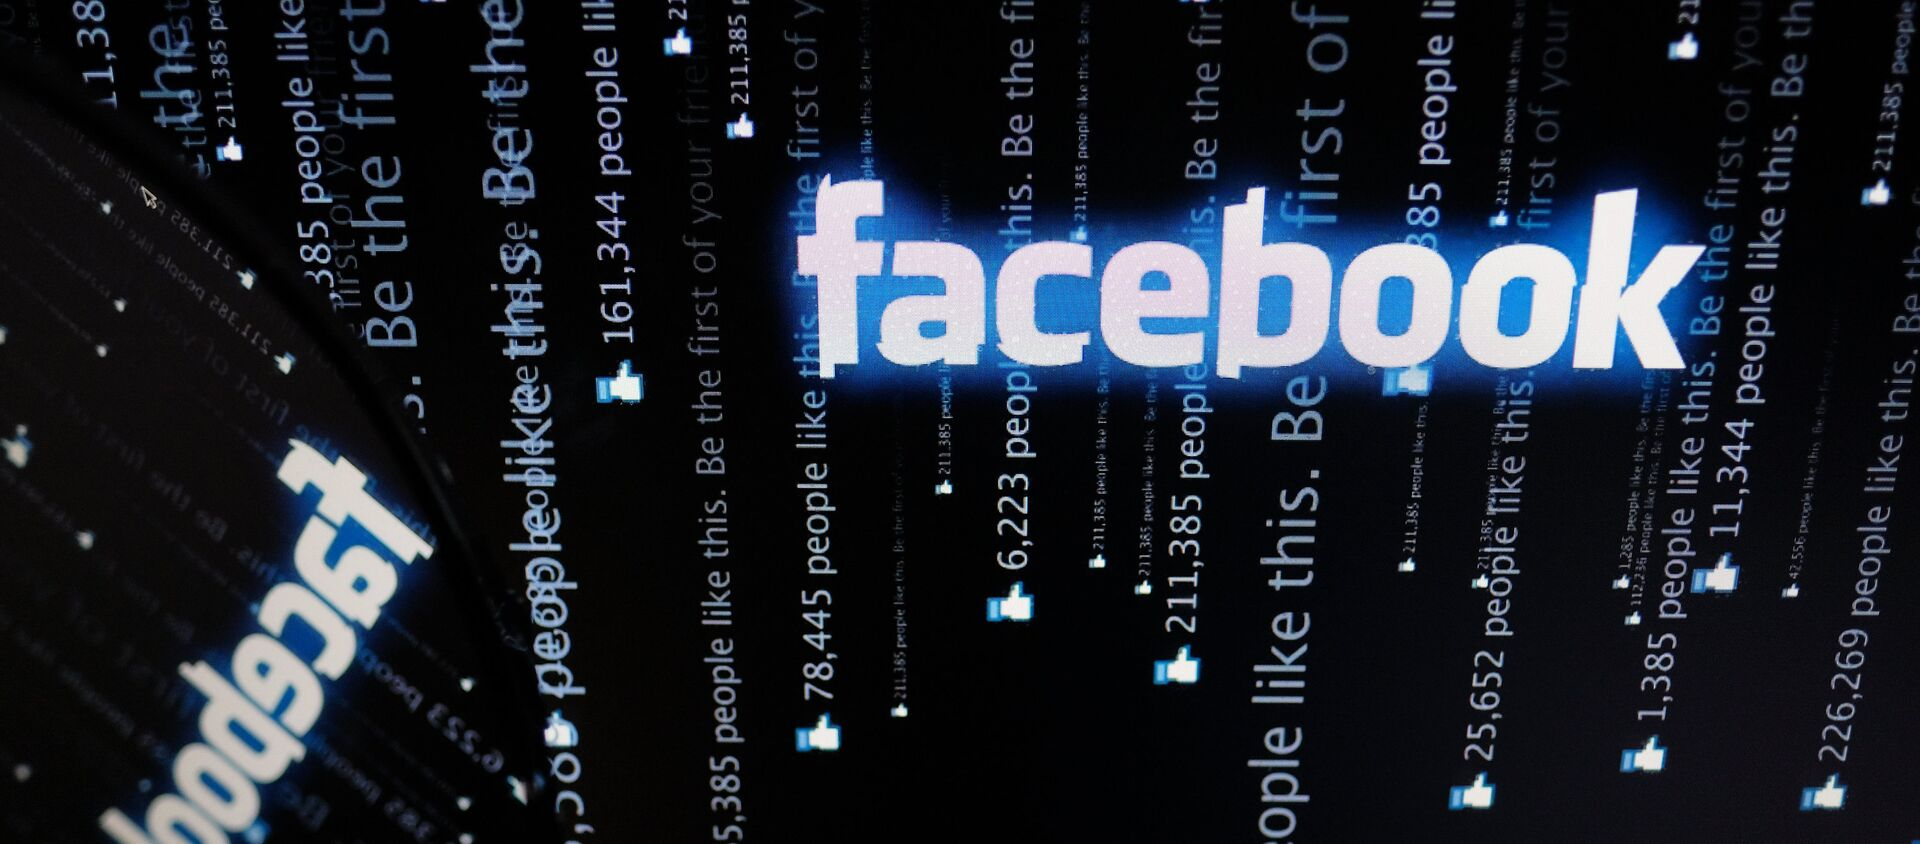 Логотип социальной сети Фейсбук на экране компьютера. - Sputnik Южная Осетия, 1920, 05.10.2021